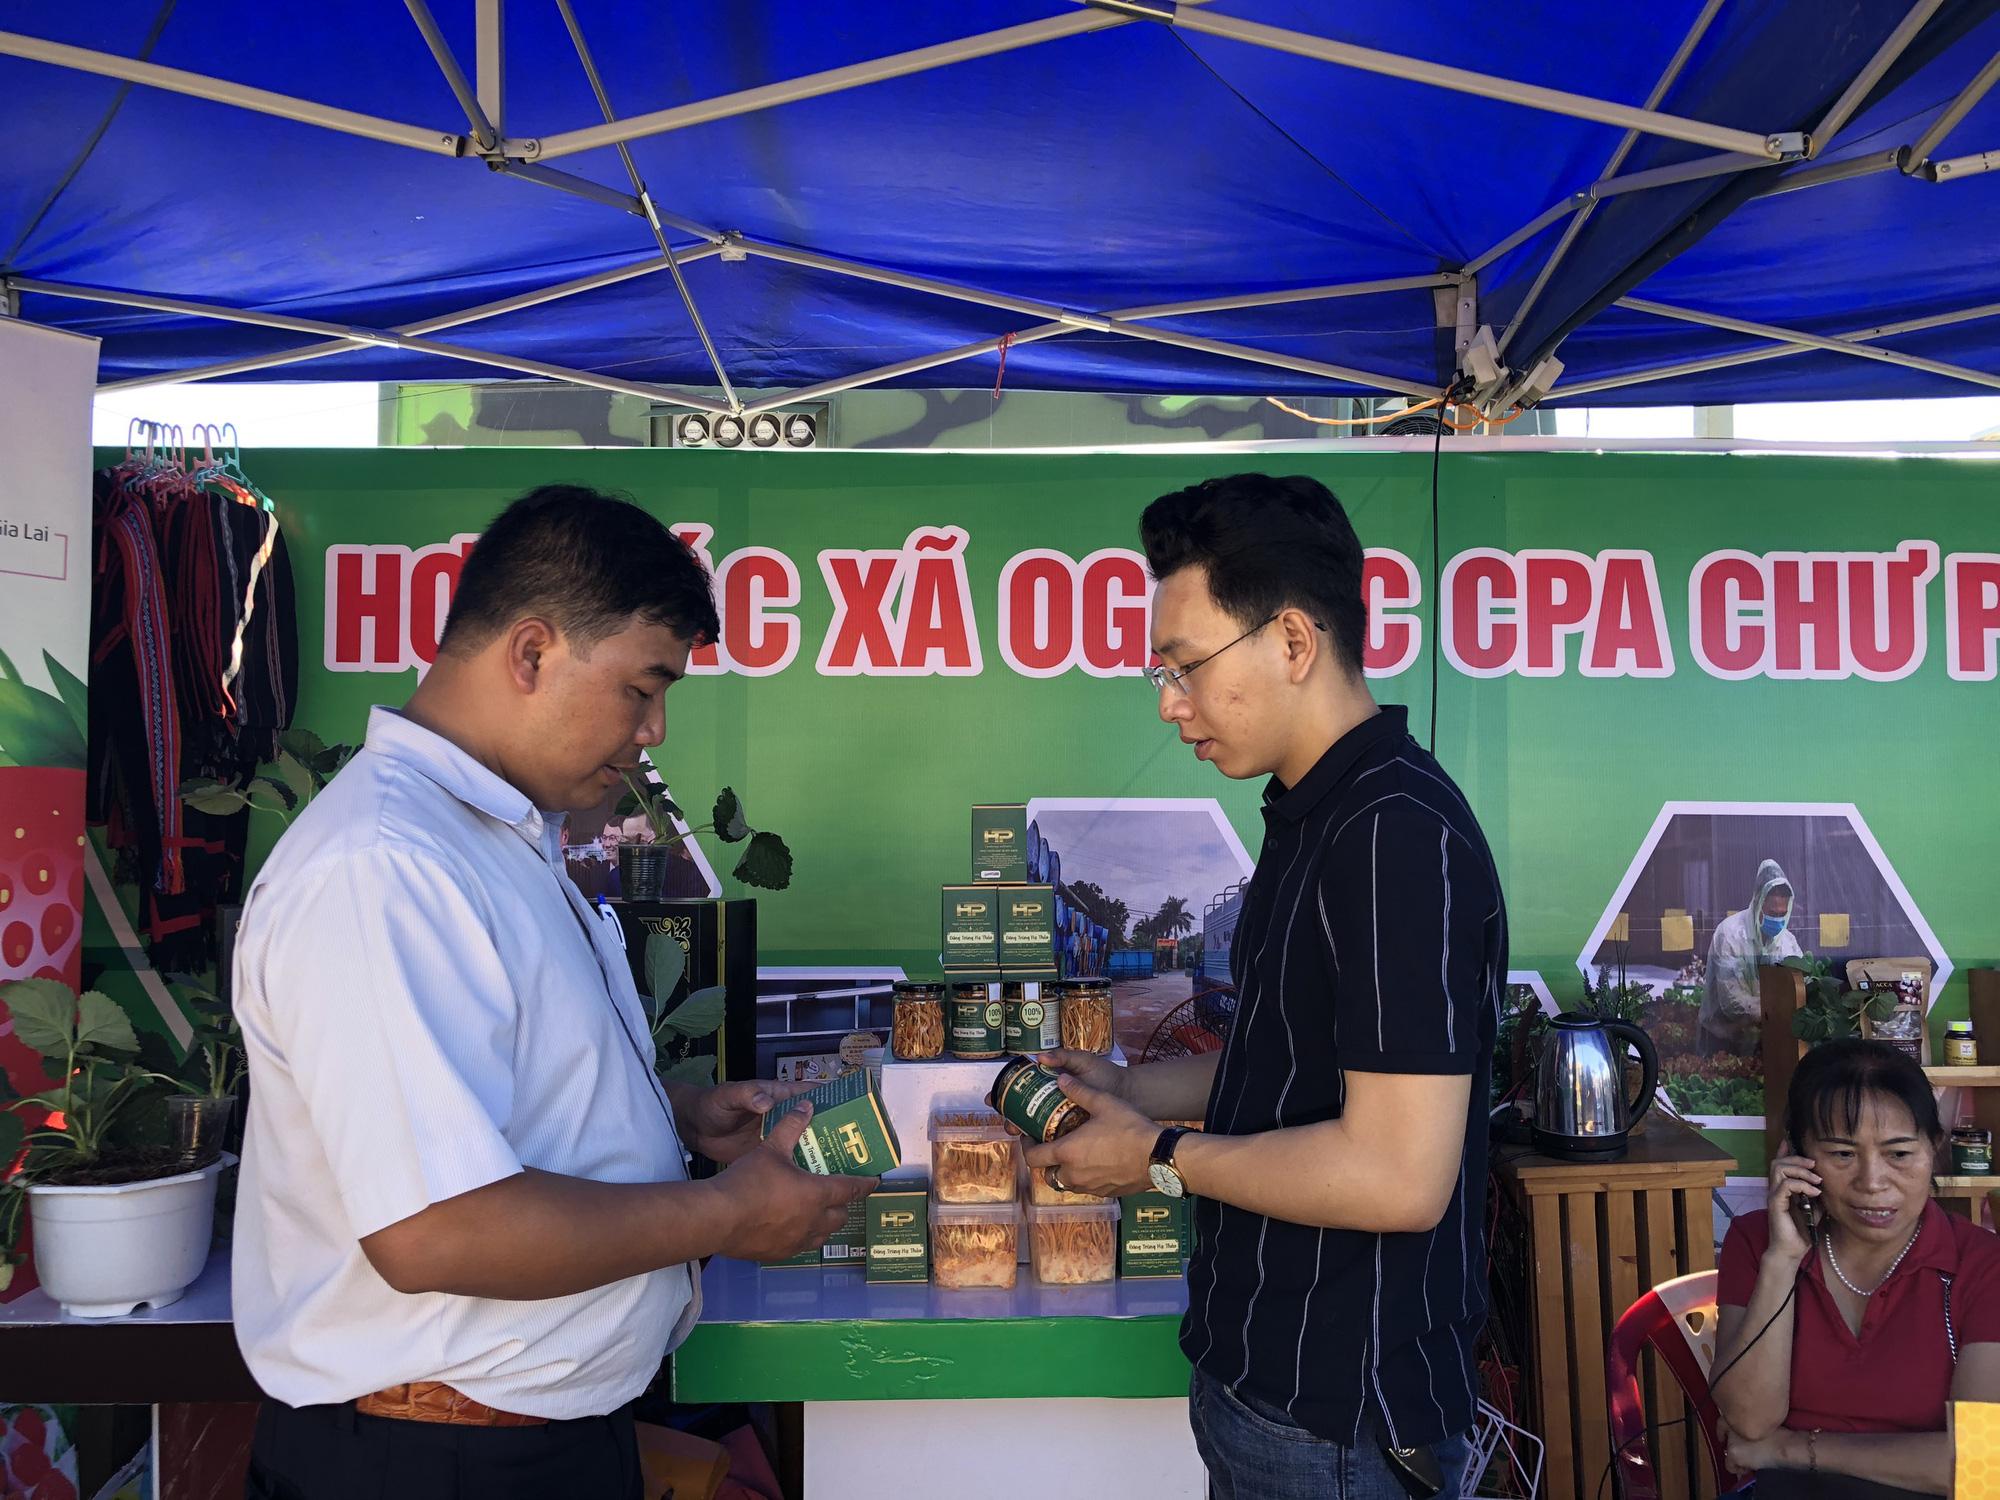 Đa dạng các sản phẩm OCOP tại các lễ hội, kết nối sản xuất với tiêu dùng - Ảnh 6.